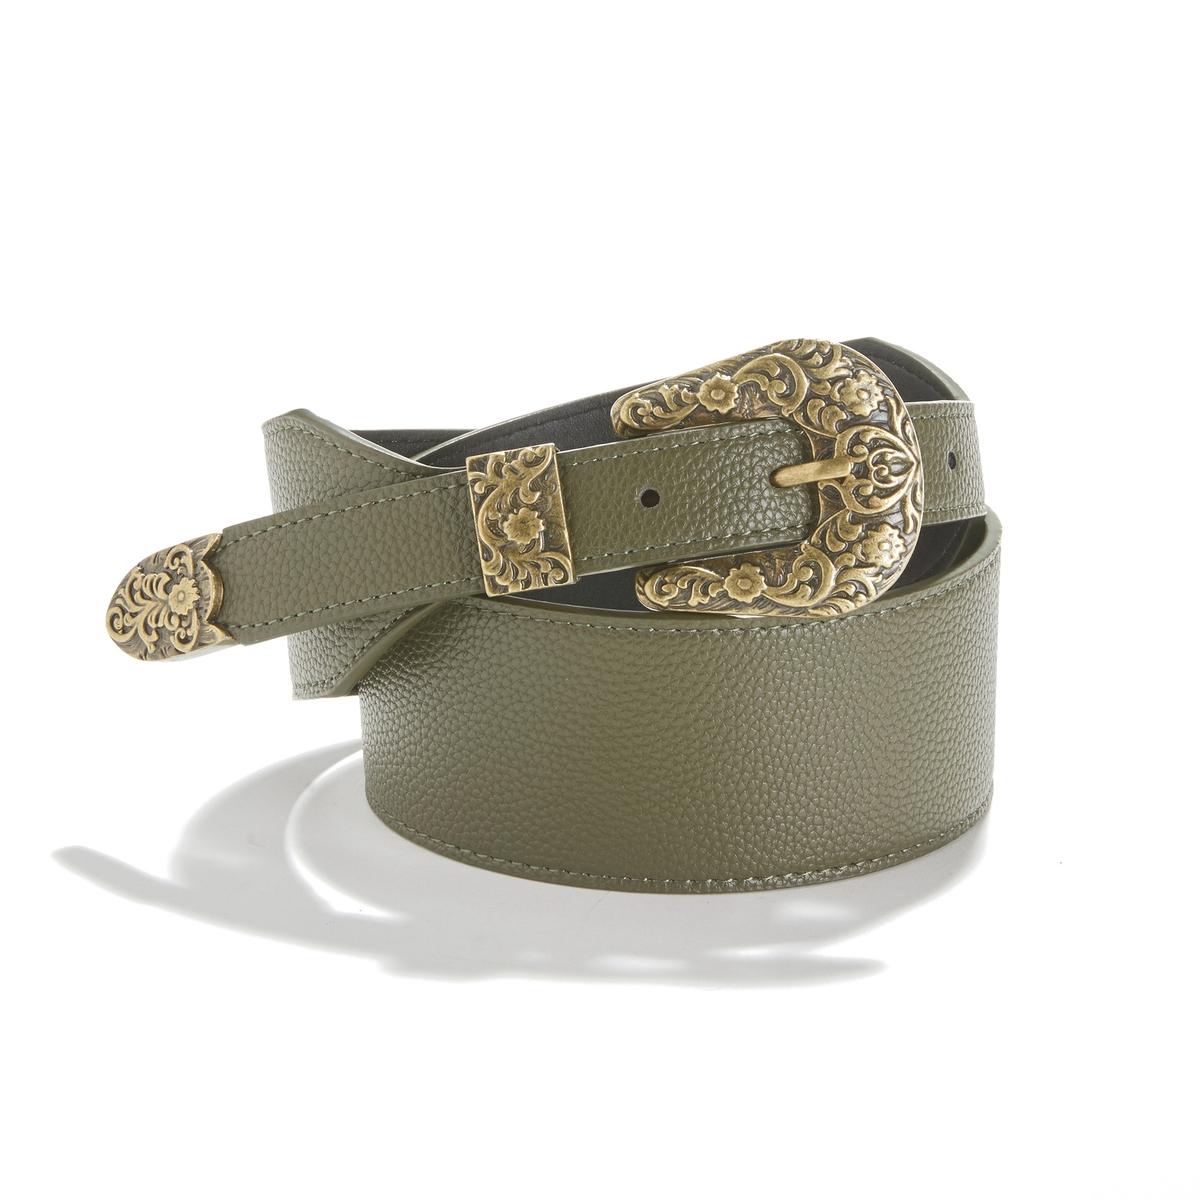 Cinturón ancho, hebilla estilo western